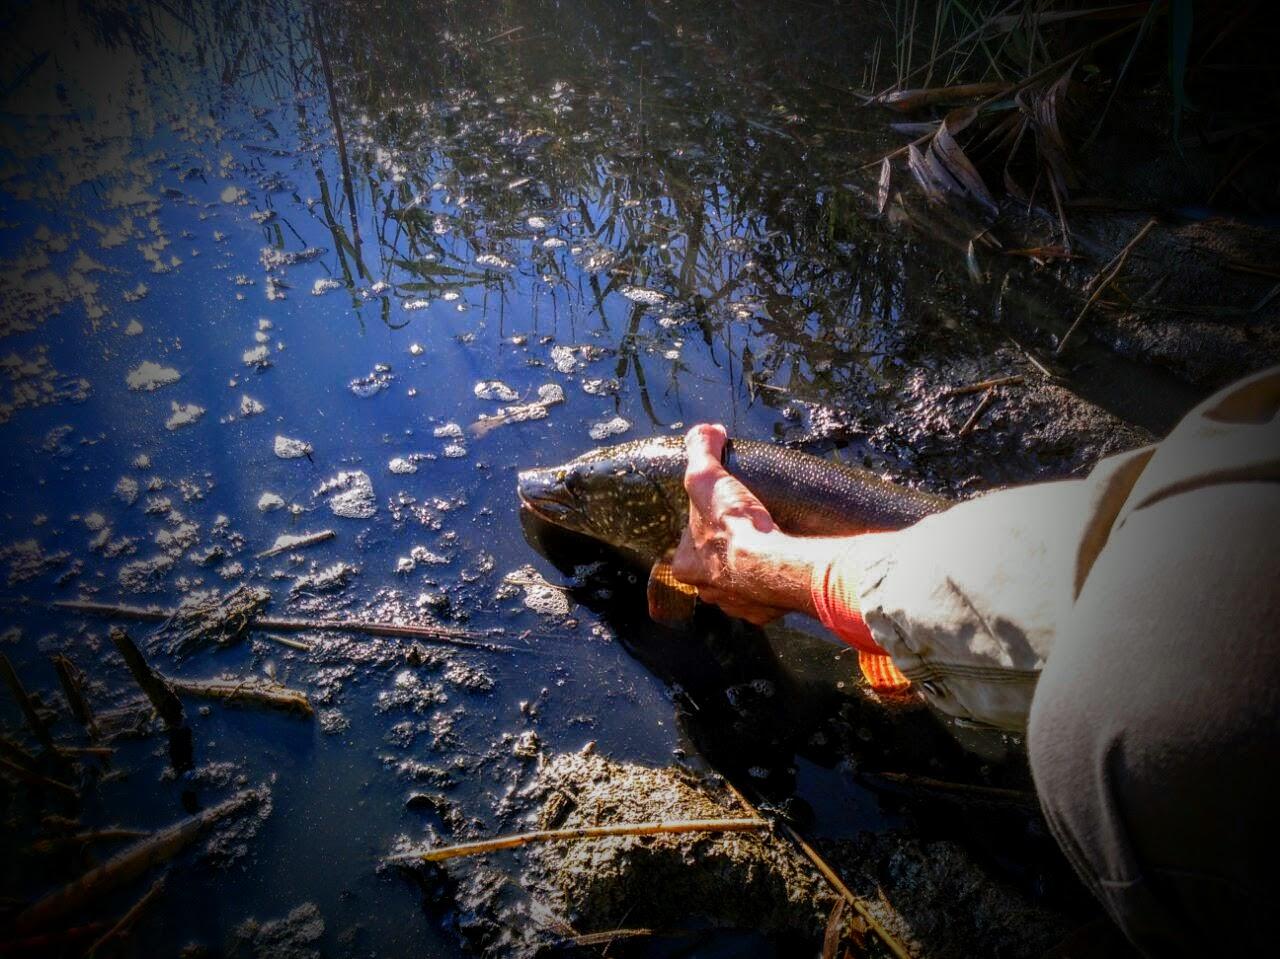 места для рыбалки в ростове и области